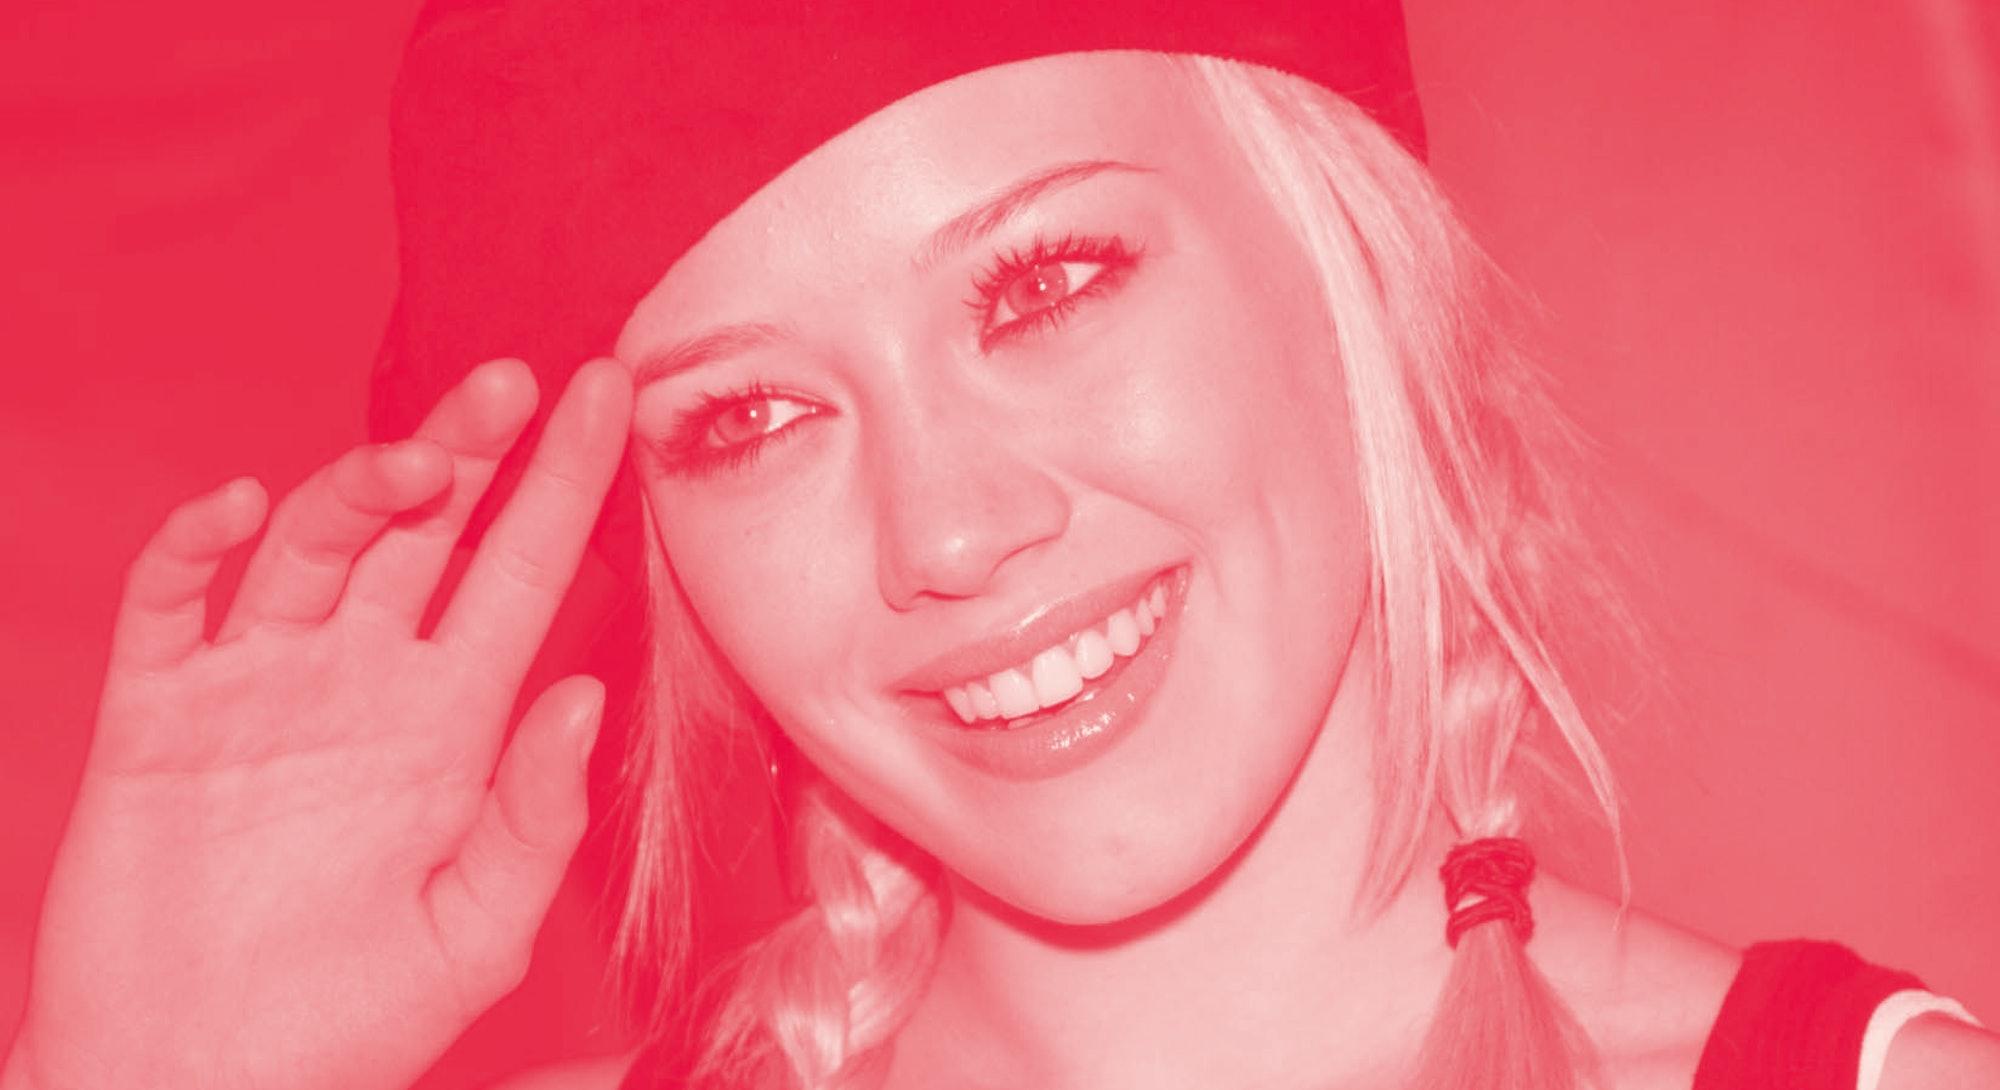 Hilary Duff in 2003.